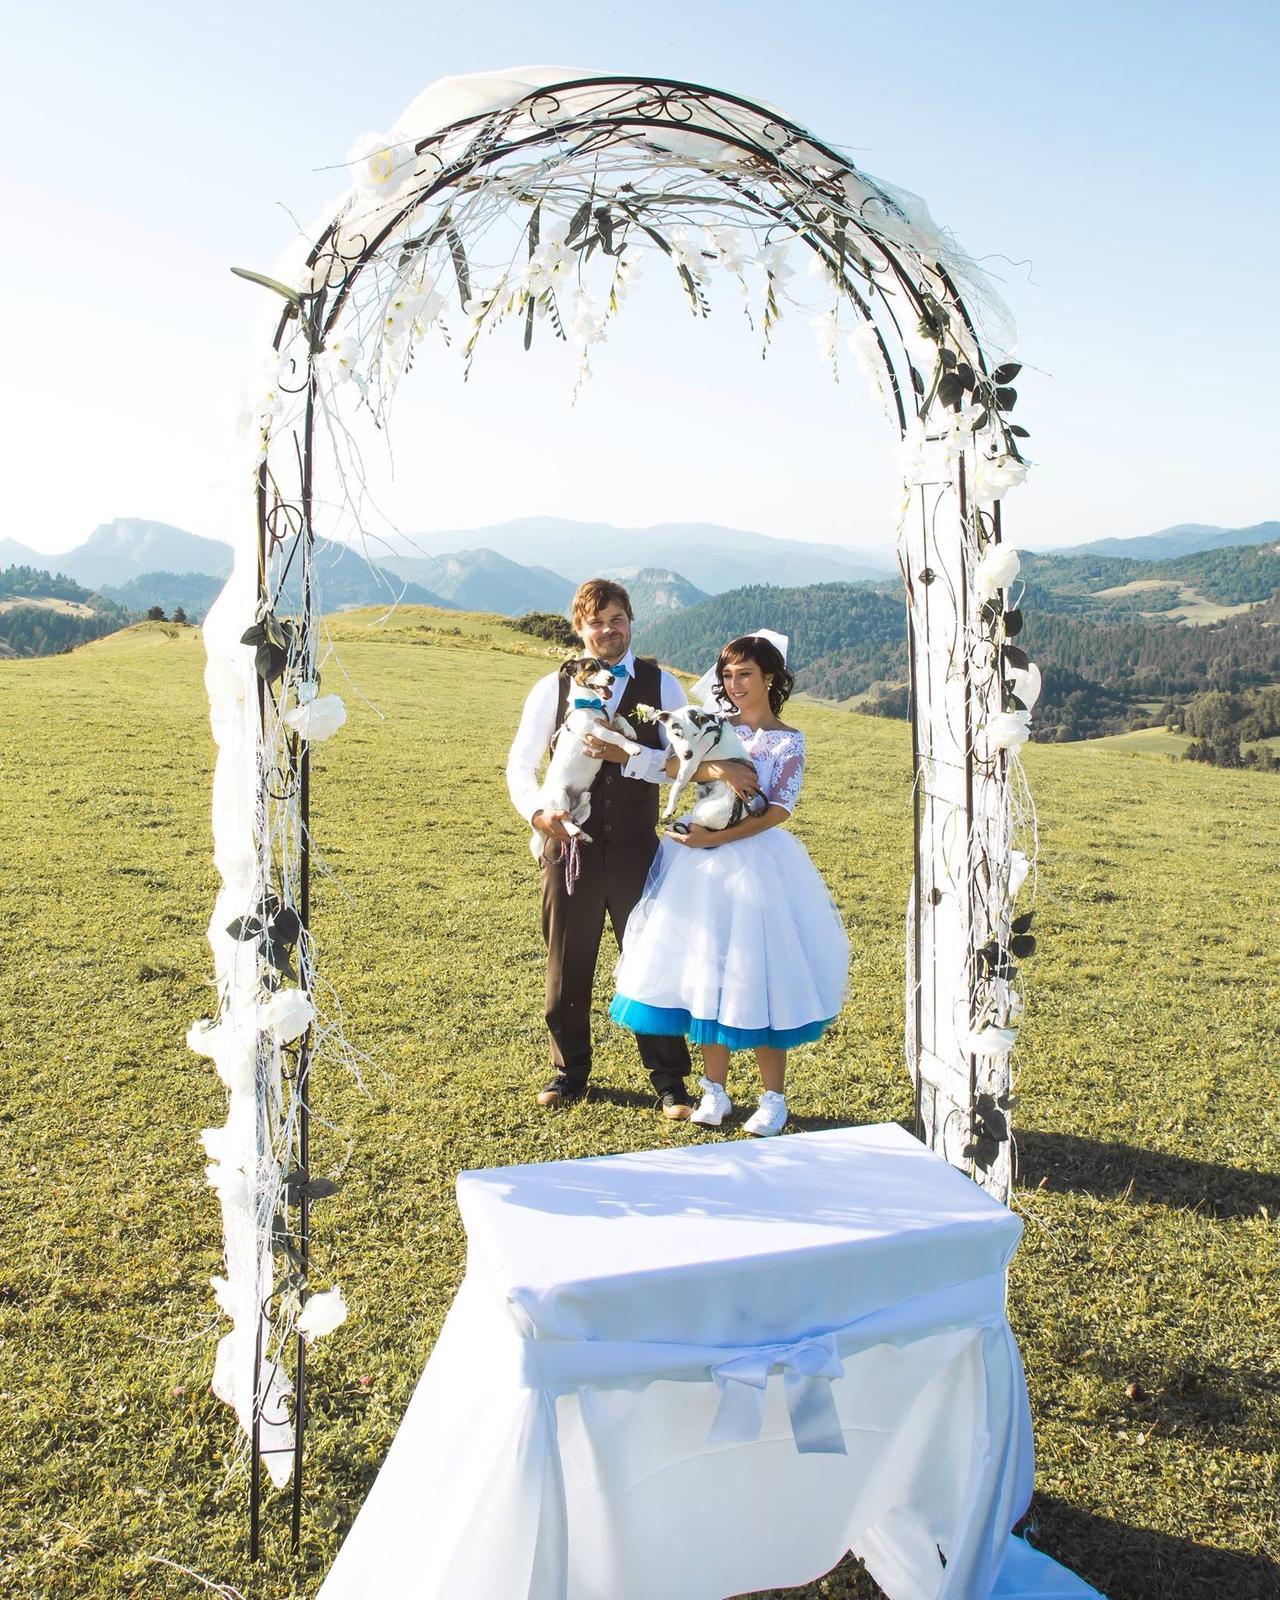 peter_a_lucia - Krátke svadobné šaty s farebnou spodnicou, hnedé nohavice a vesta, motýliky